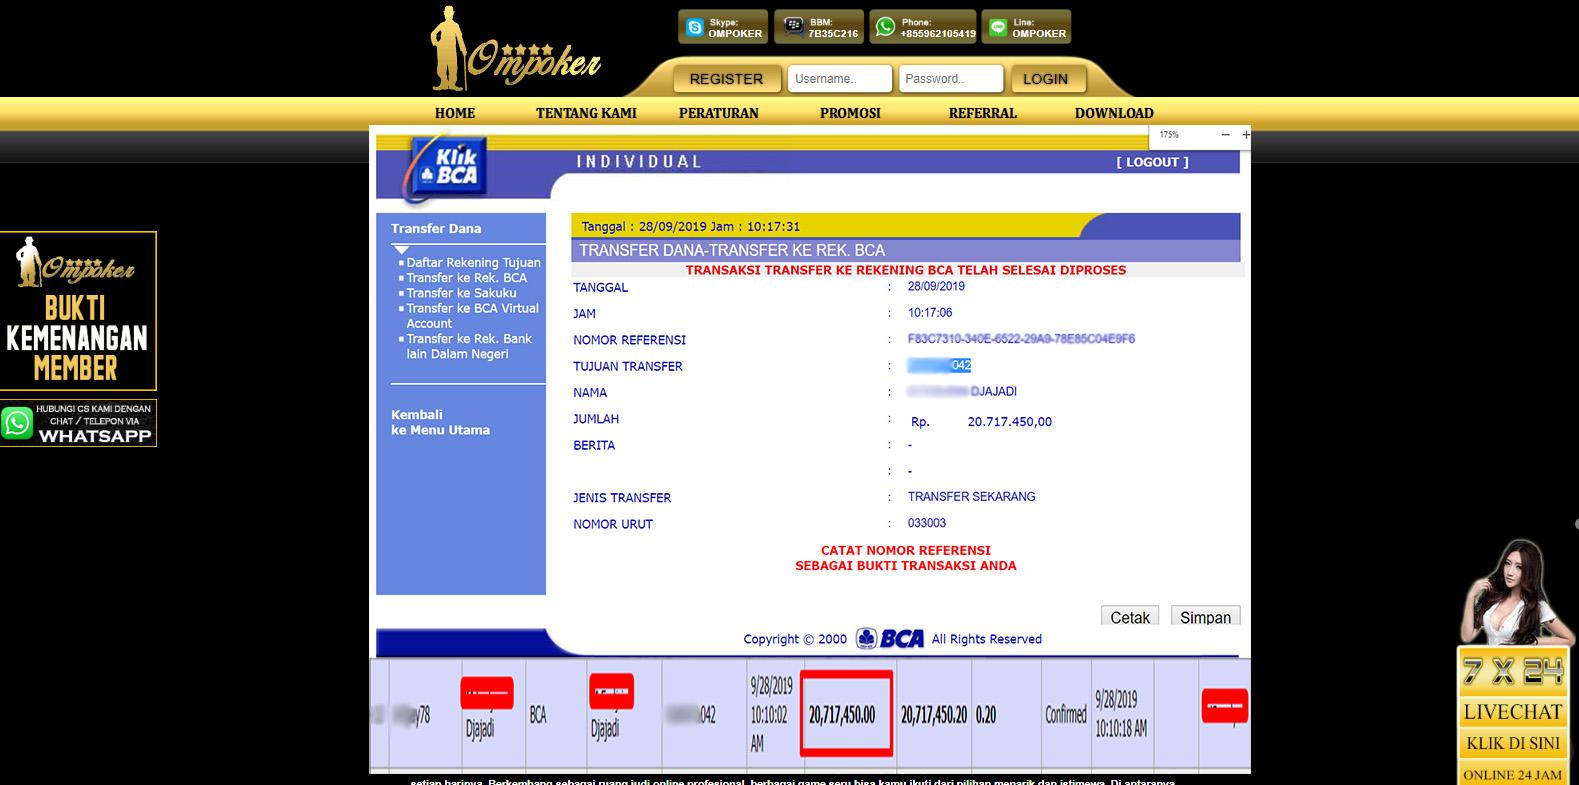 Selamat Kepada Member Setia Ompoker WD Rp 20.717.450